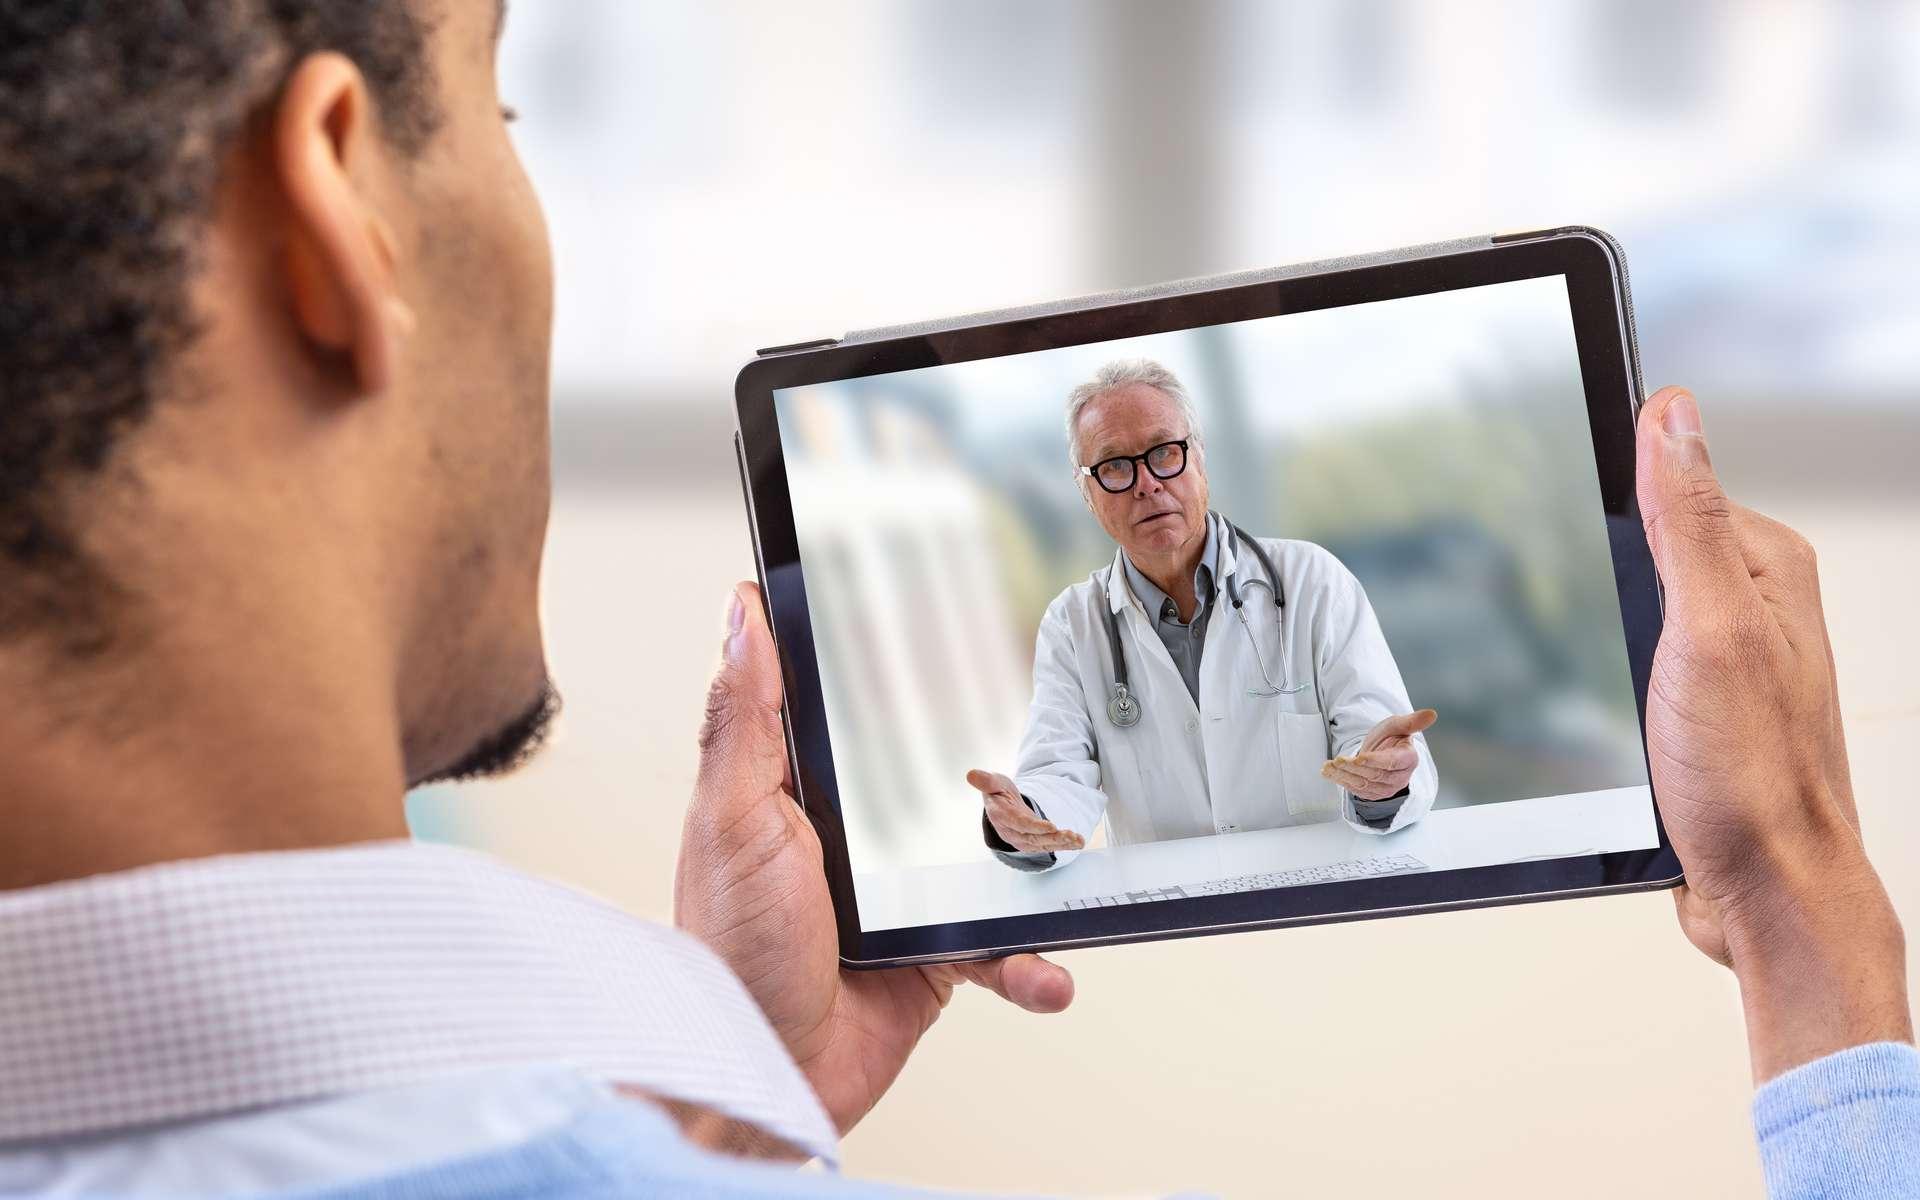 Des courts messages vidéos émanant de soignants appelant à éviter les déplacements semblent être efficaces sur les voyages effectifs des individus. © JPC-PROD, Adobe Stock